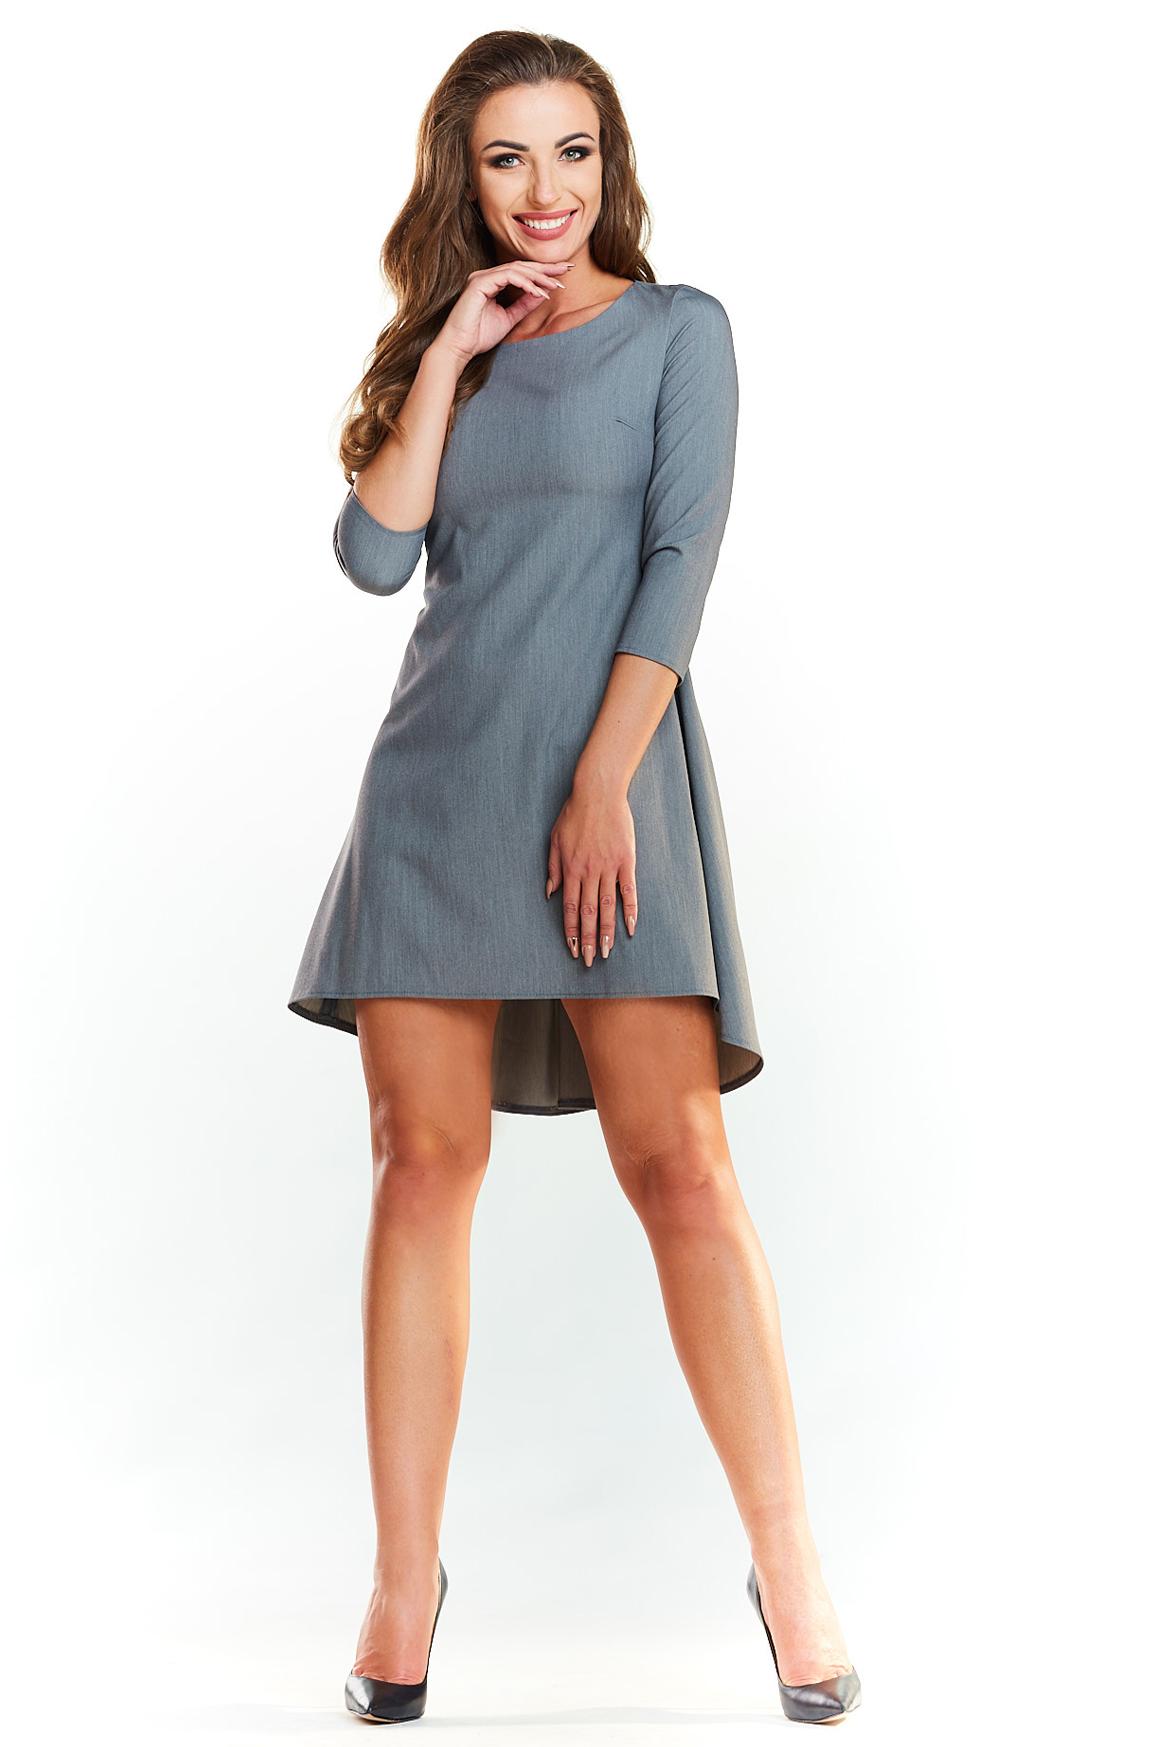 addb5b3942 CM3988 Asymetryczna sukienka z rękawem 1 2 - szara ...